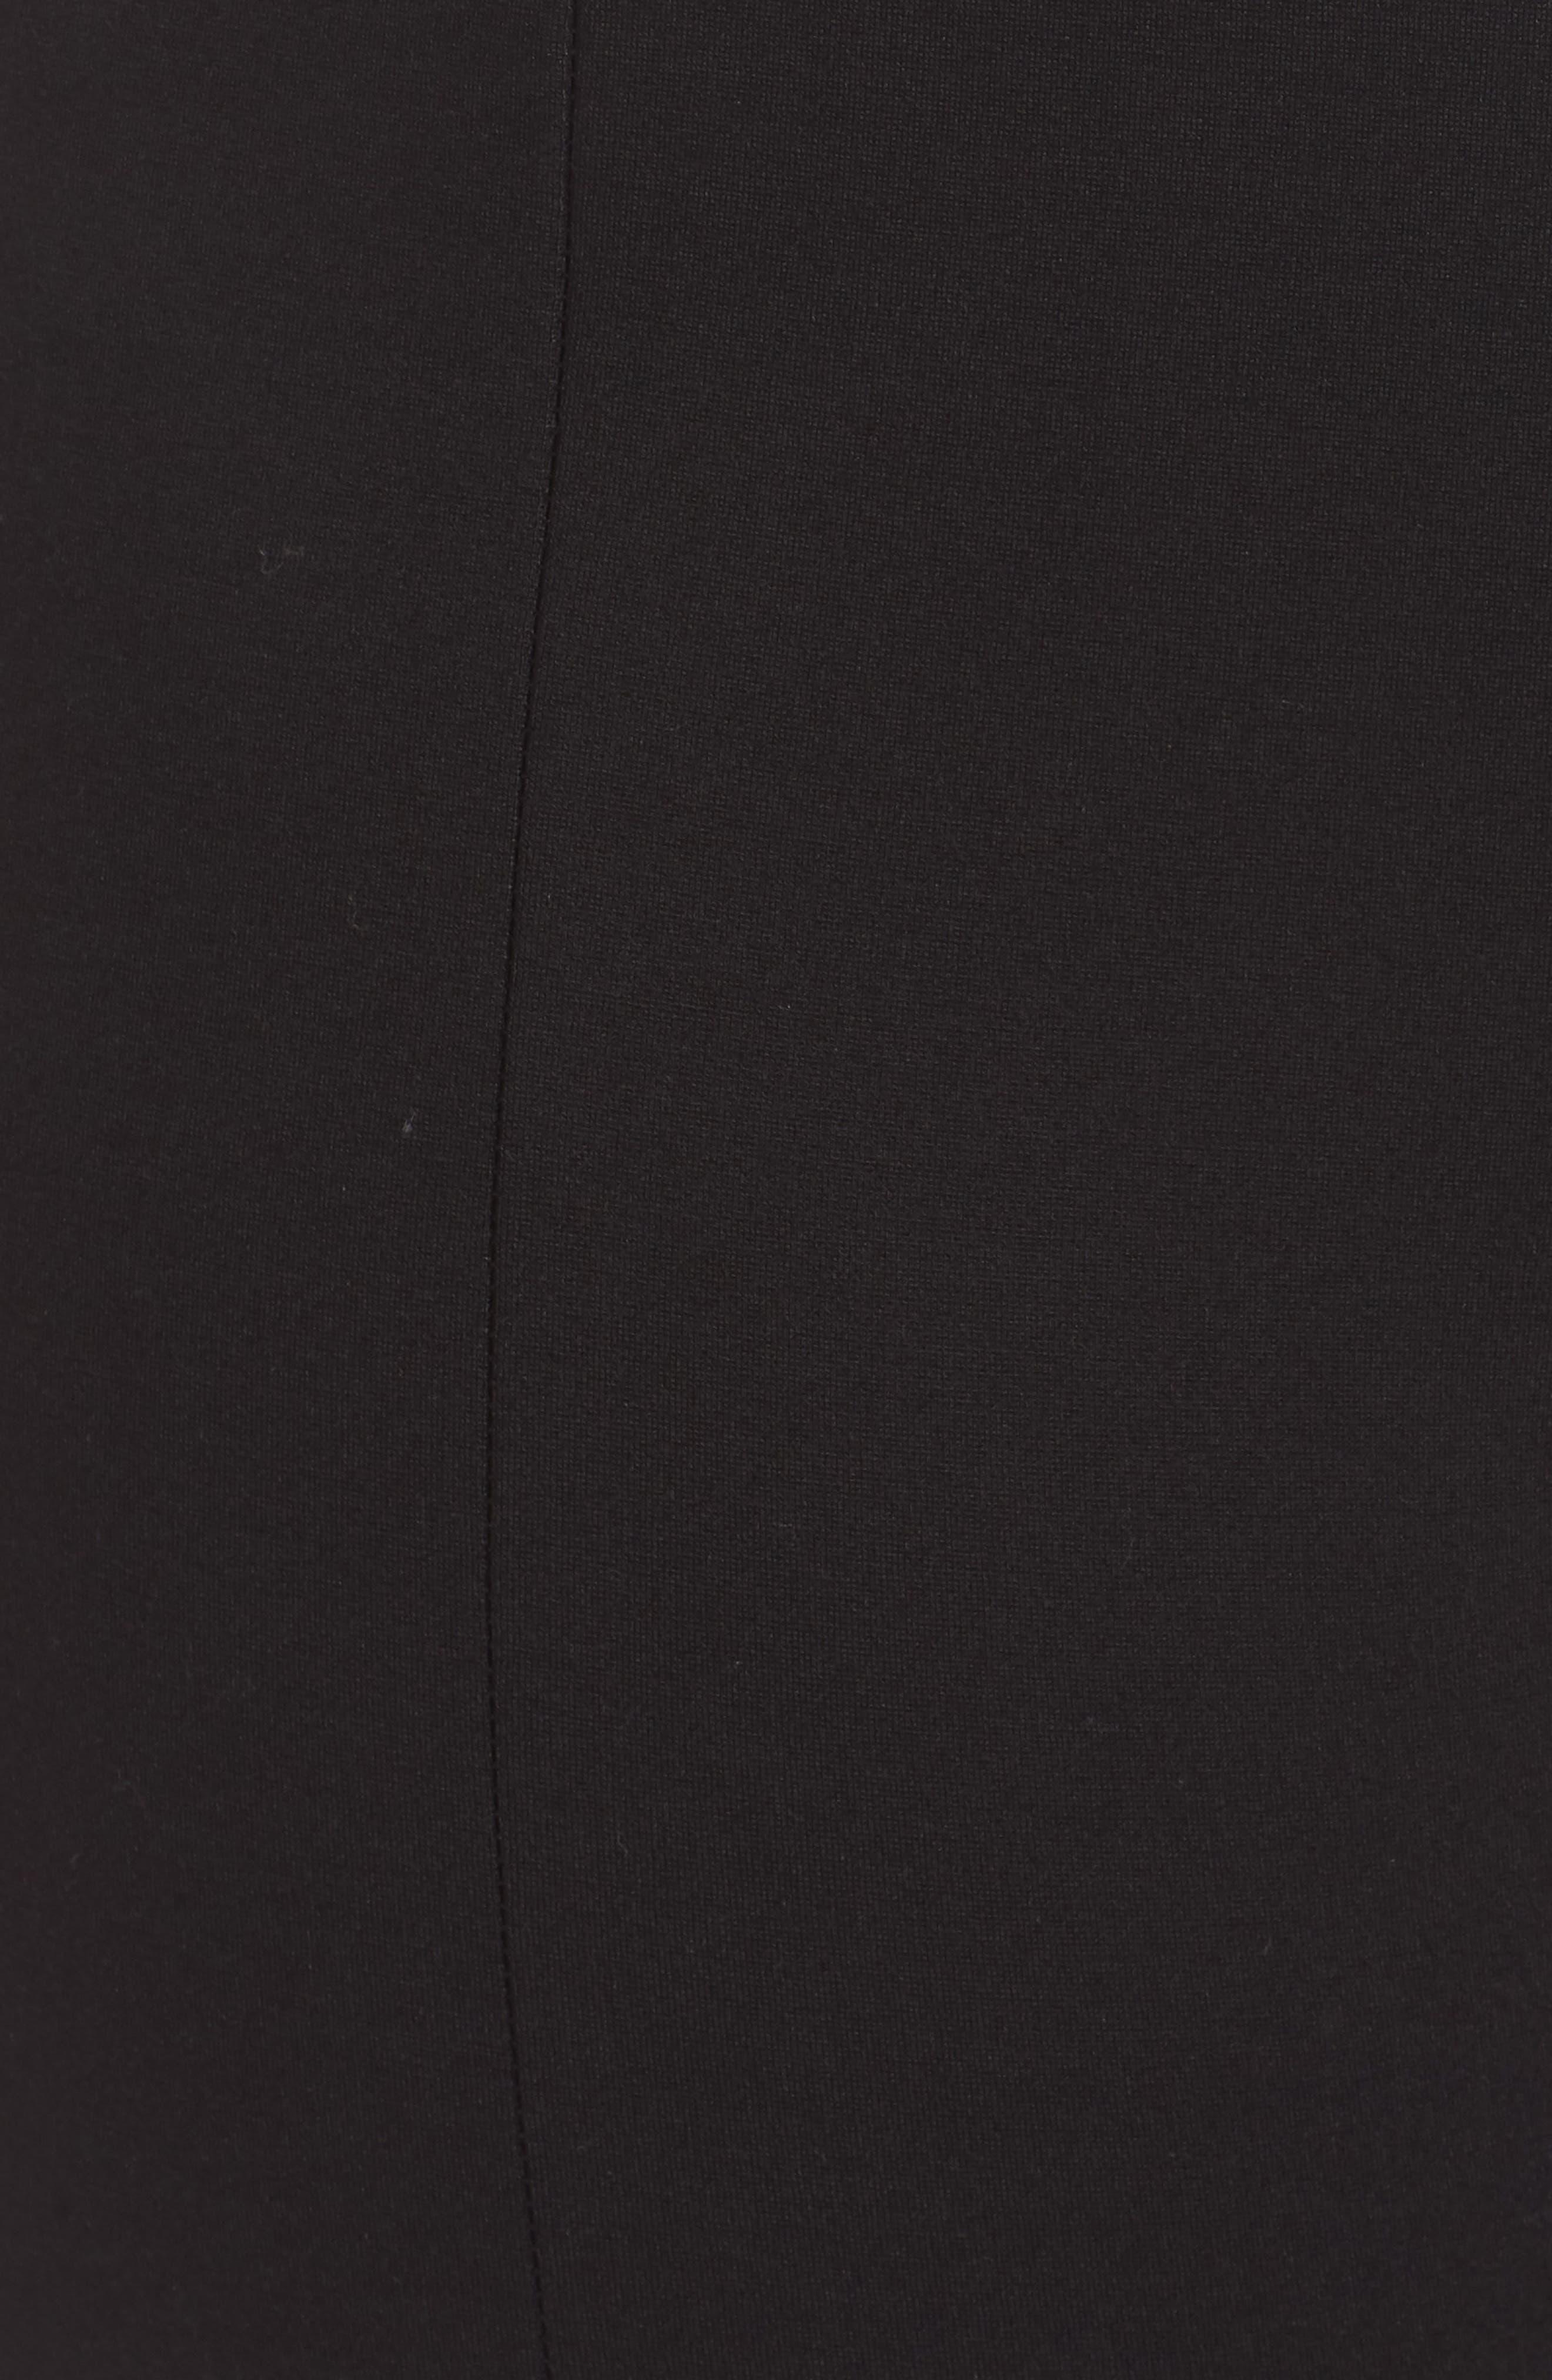 Slit Hem Ankle Leggings,                             Alternate thumbnail 6, color,                             001